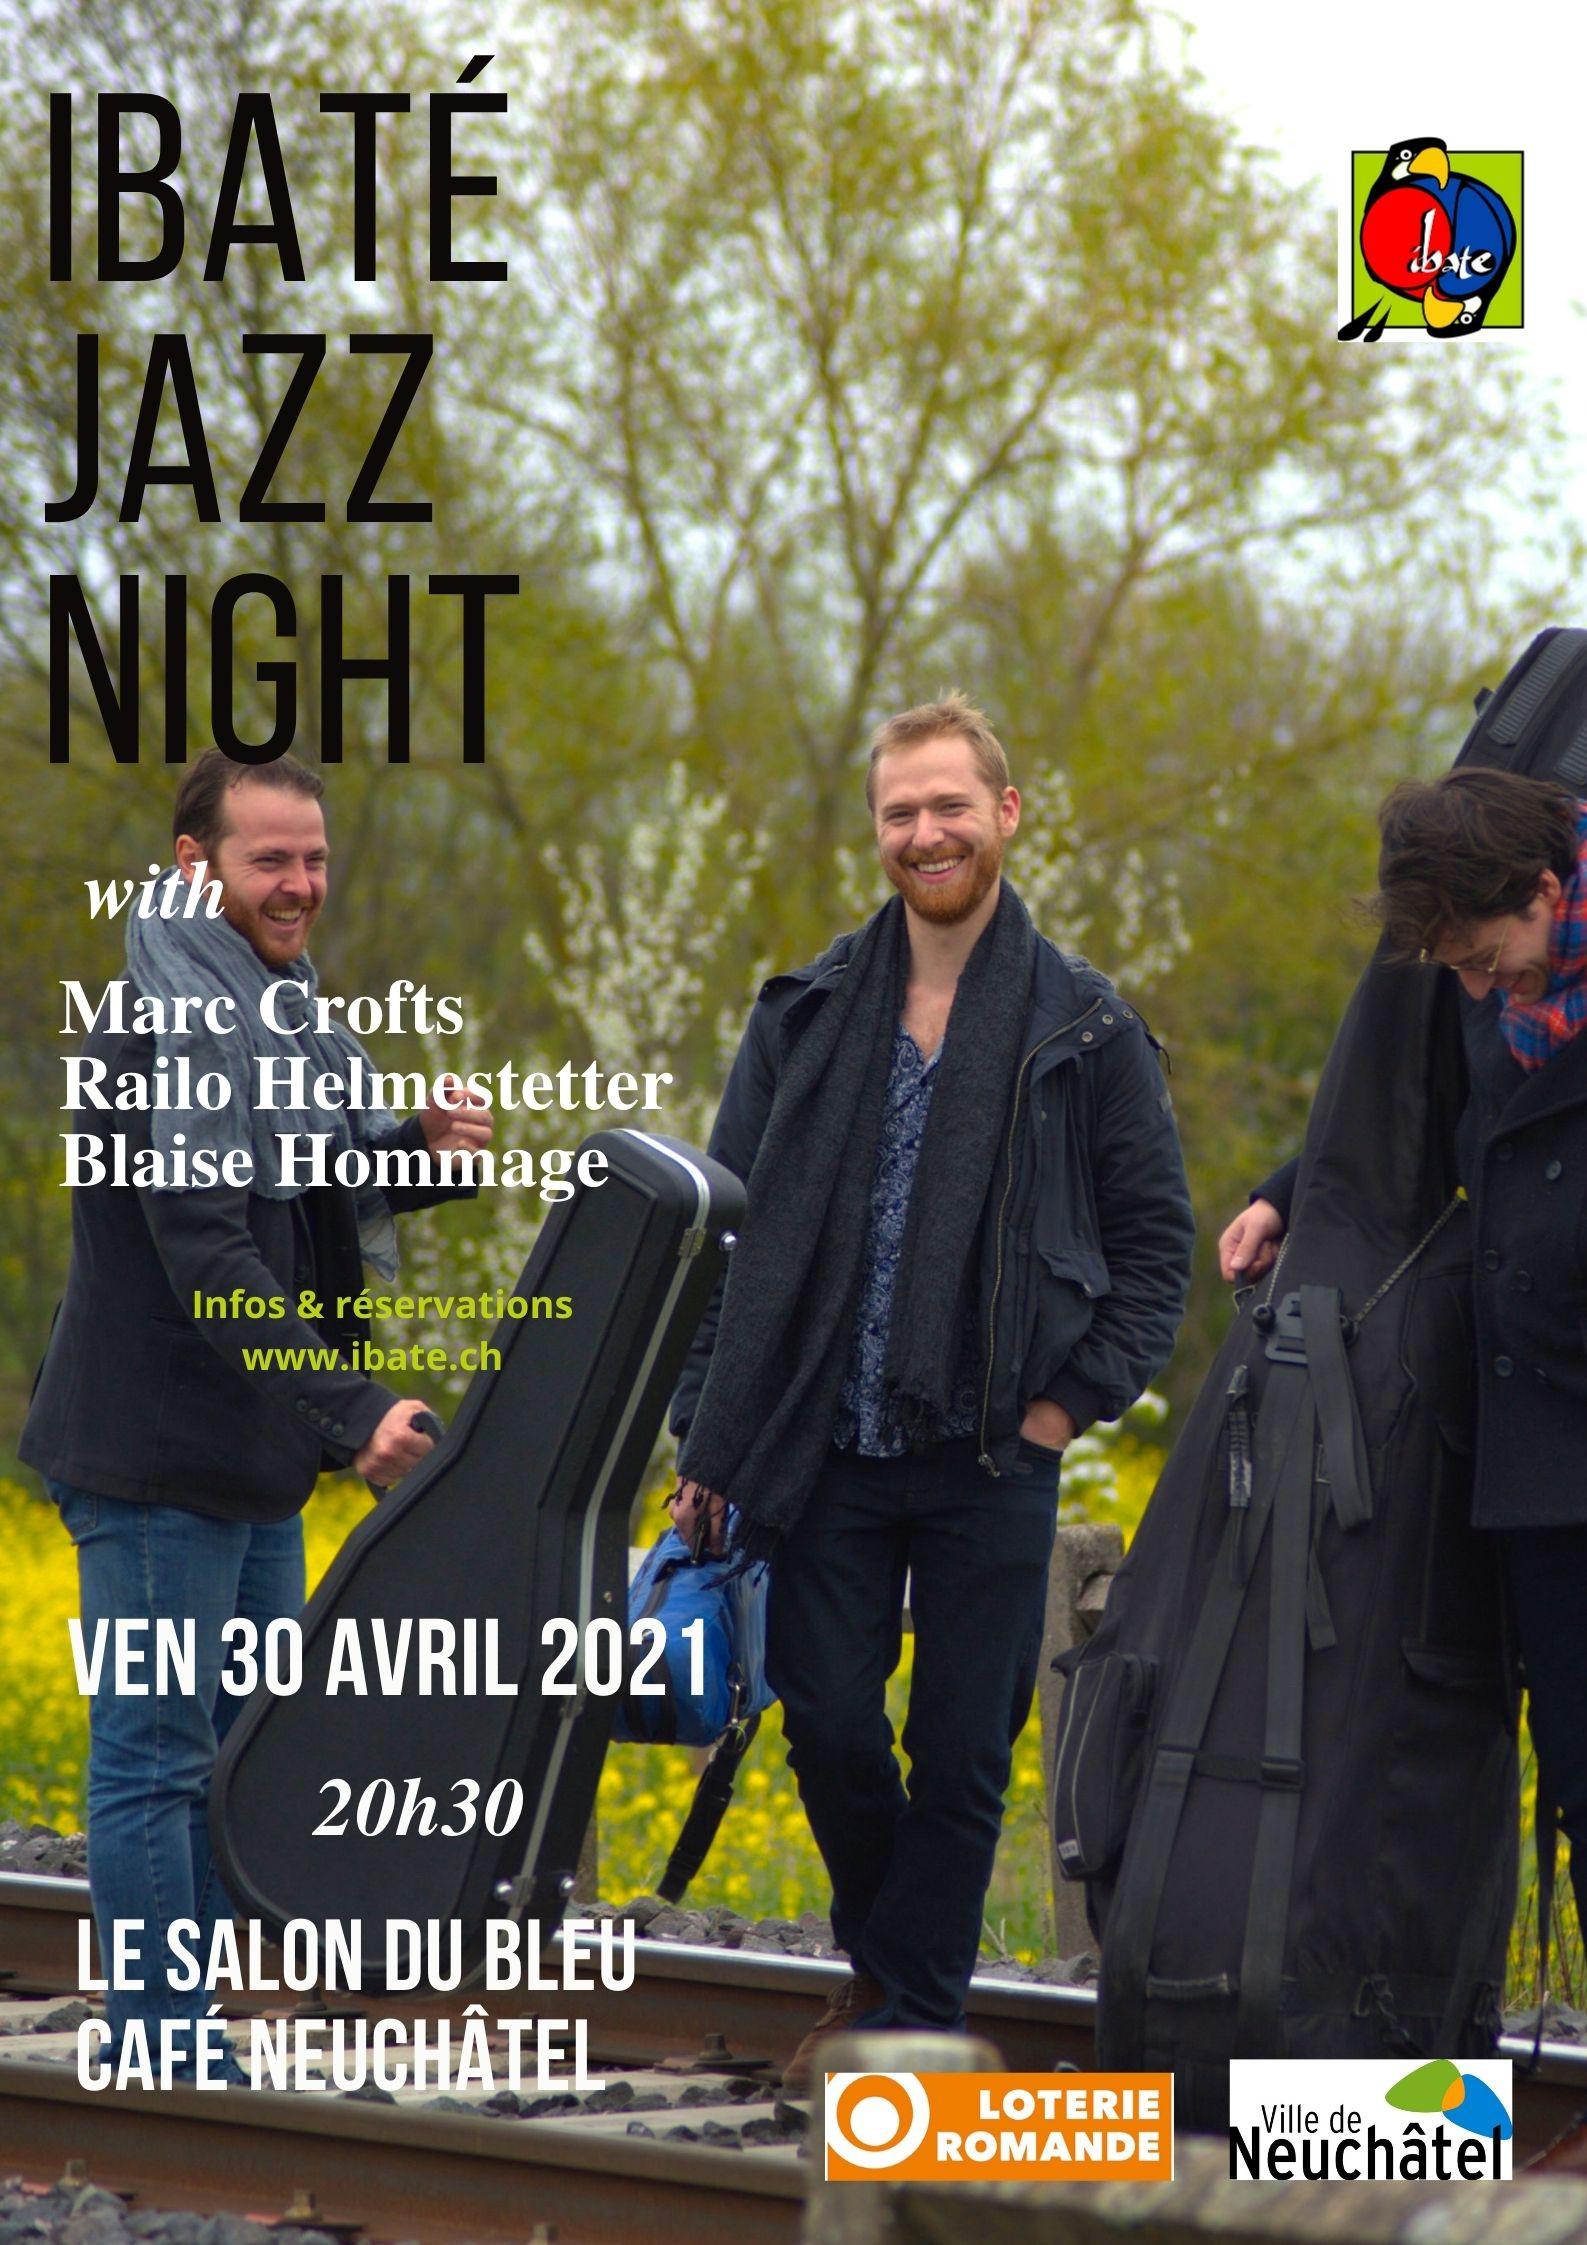 Ibaté jazz night